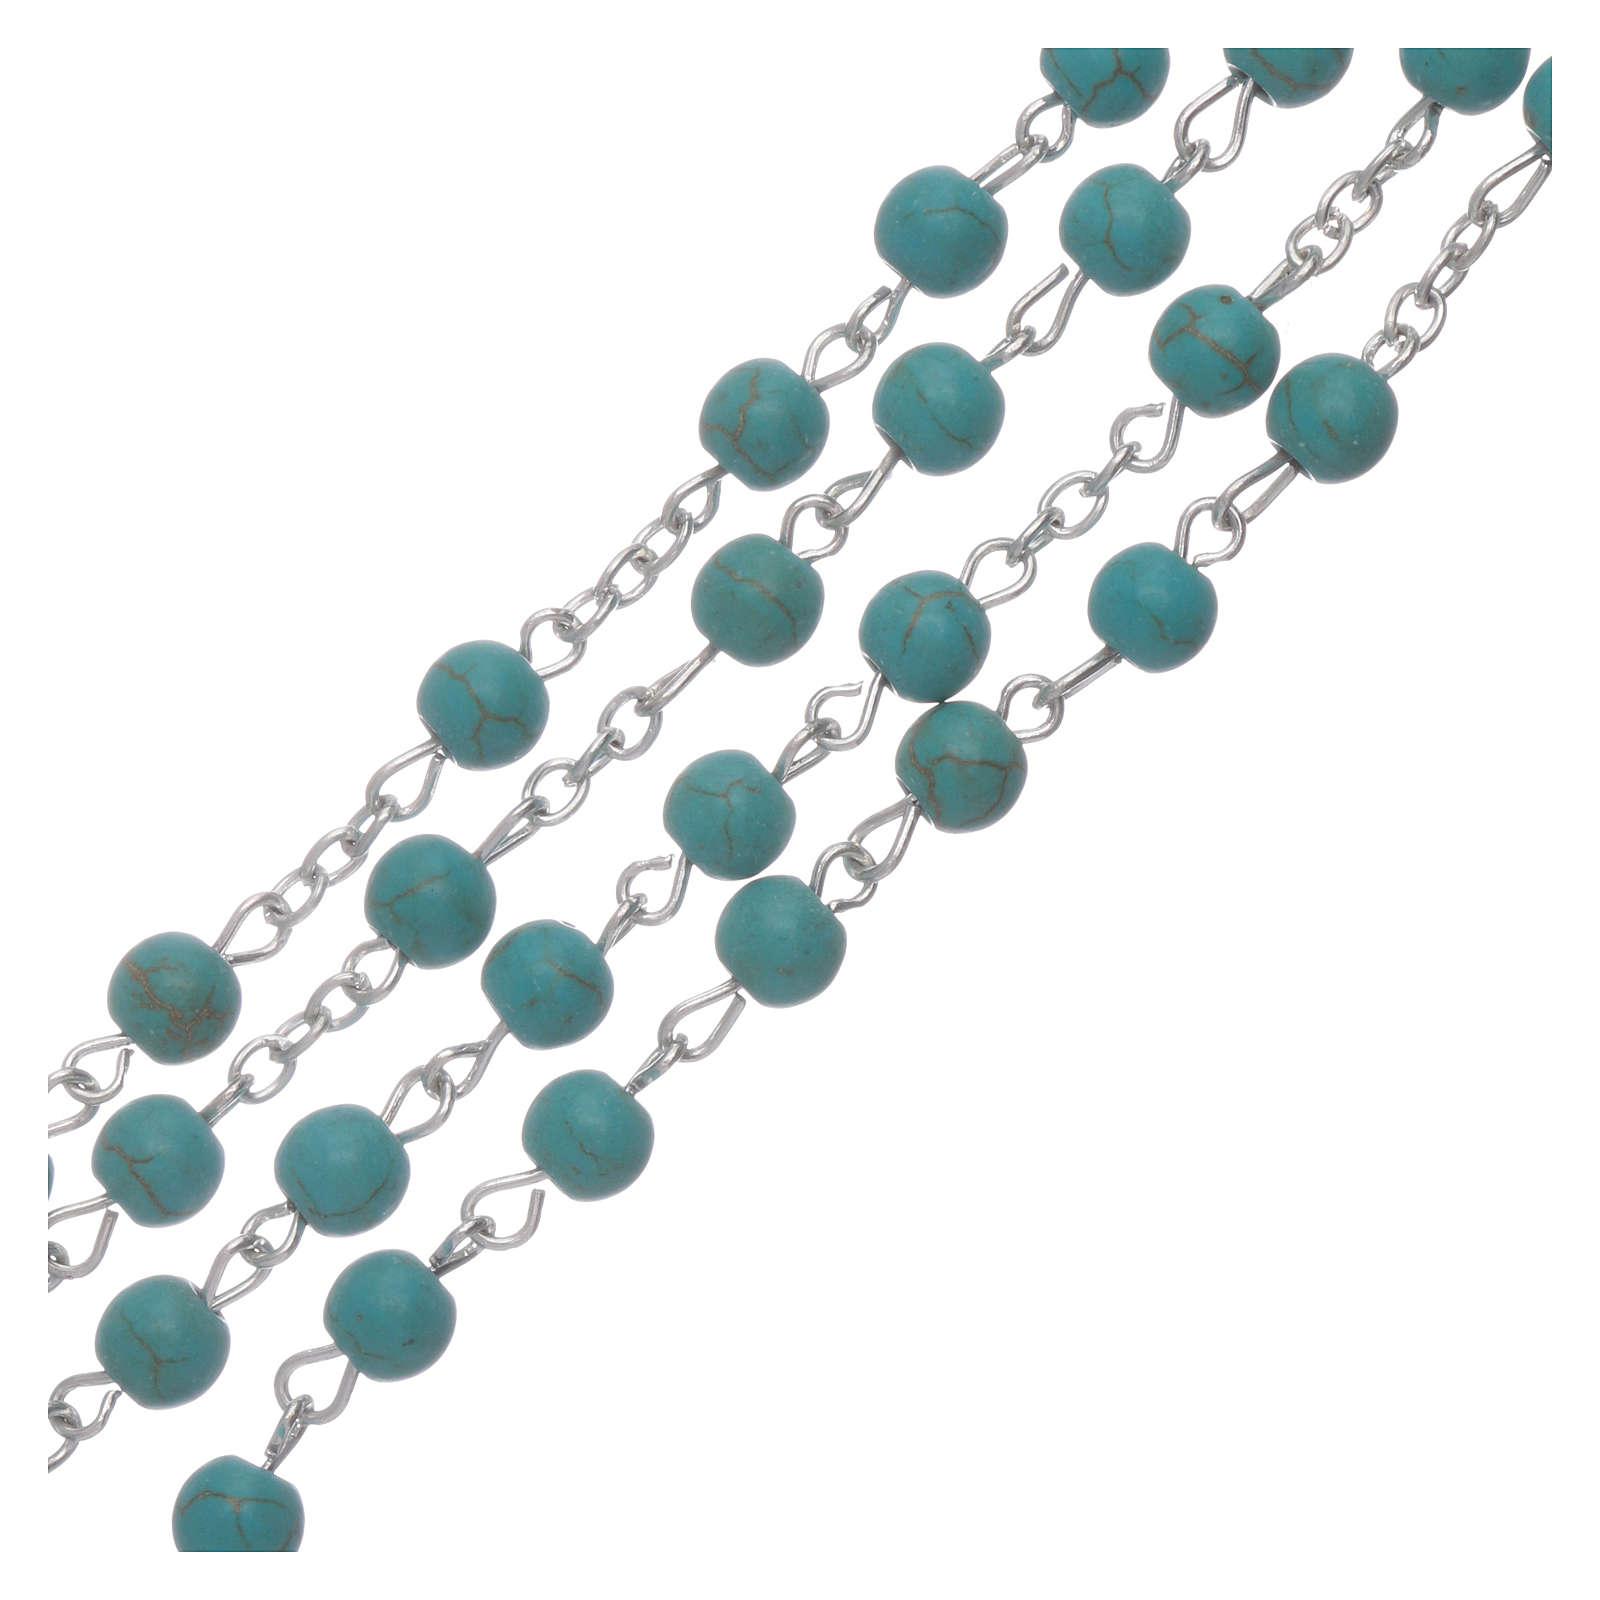 Chapelet verre couleur turquoise grains 6 mm 4